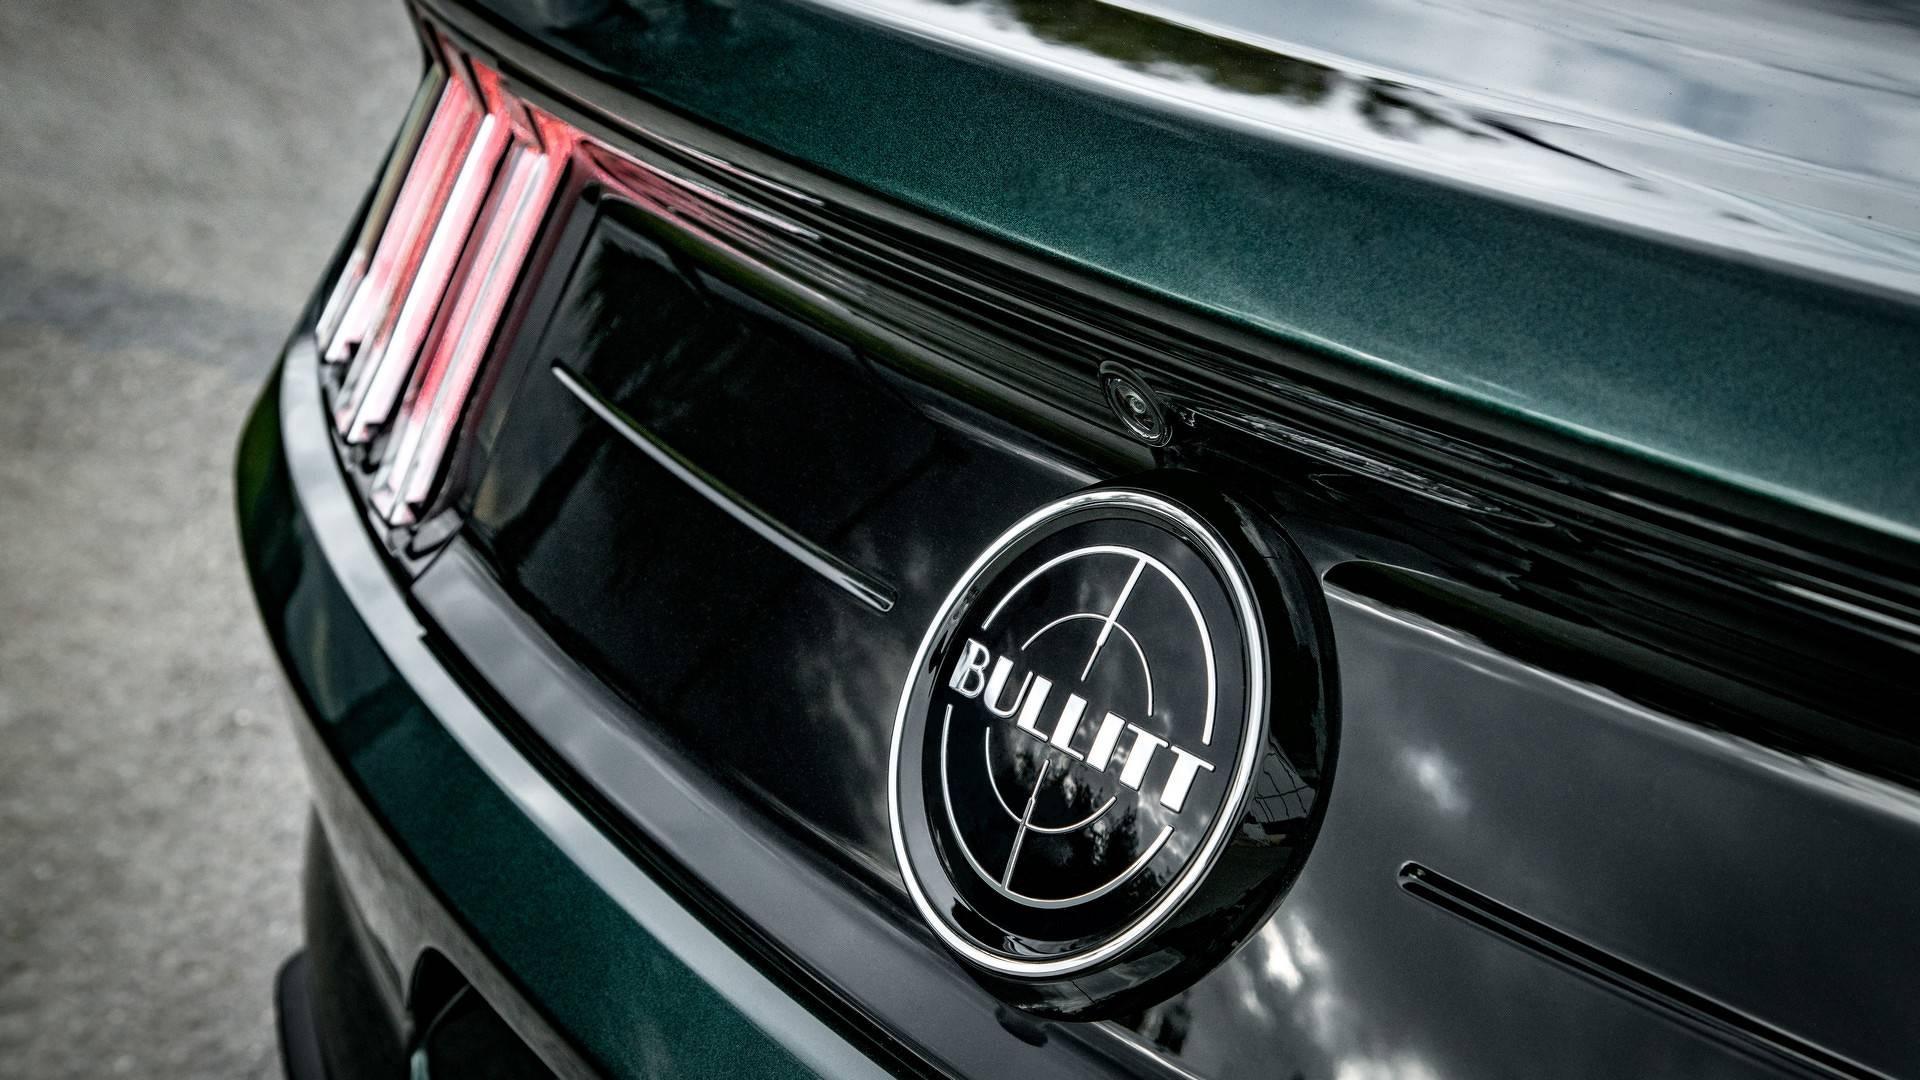 2019-ford-mustang-bullitt-euro-spec (9).jpg